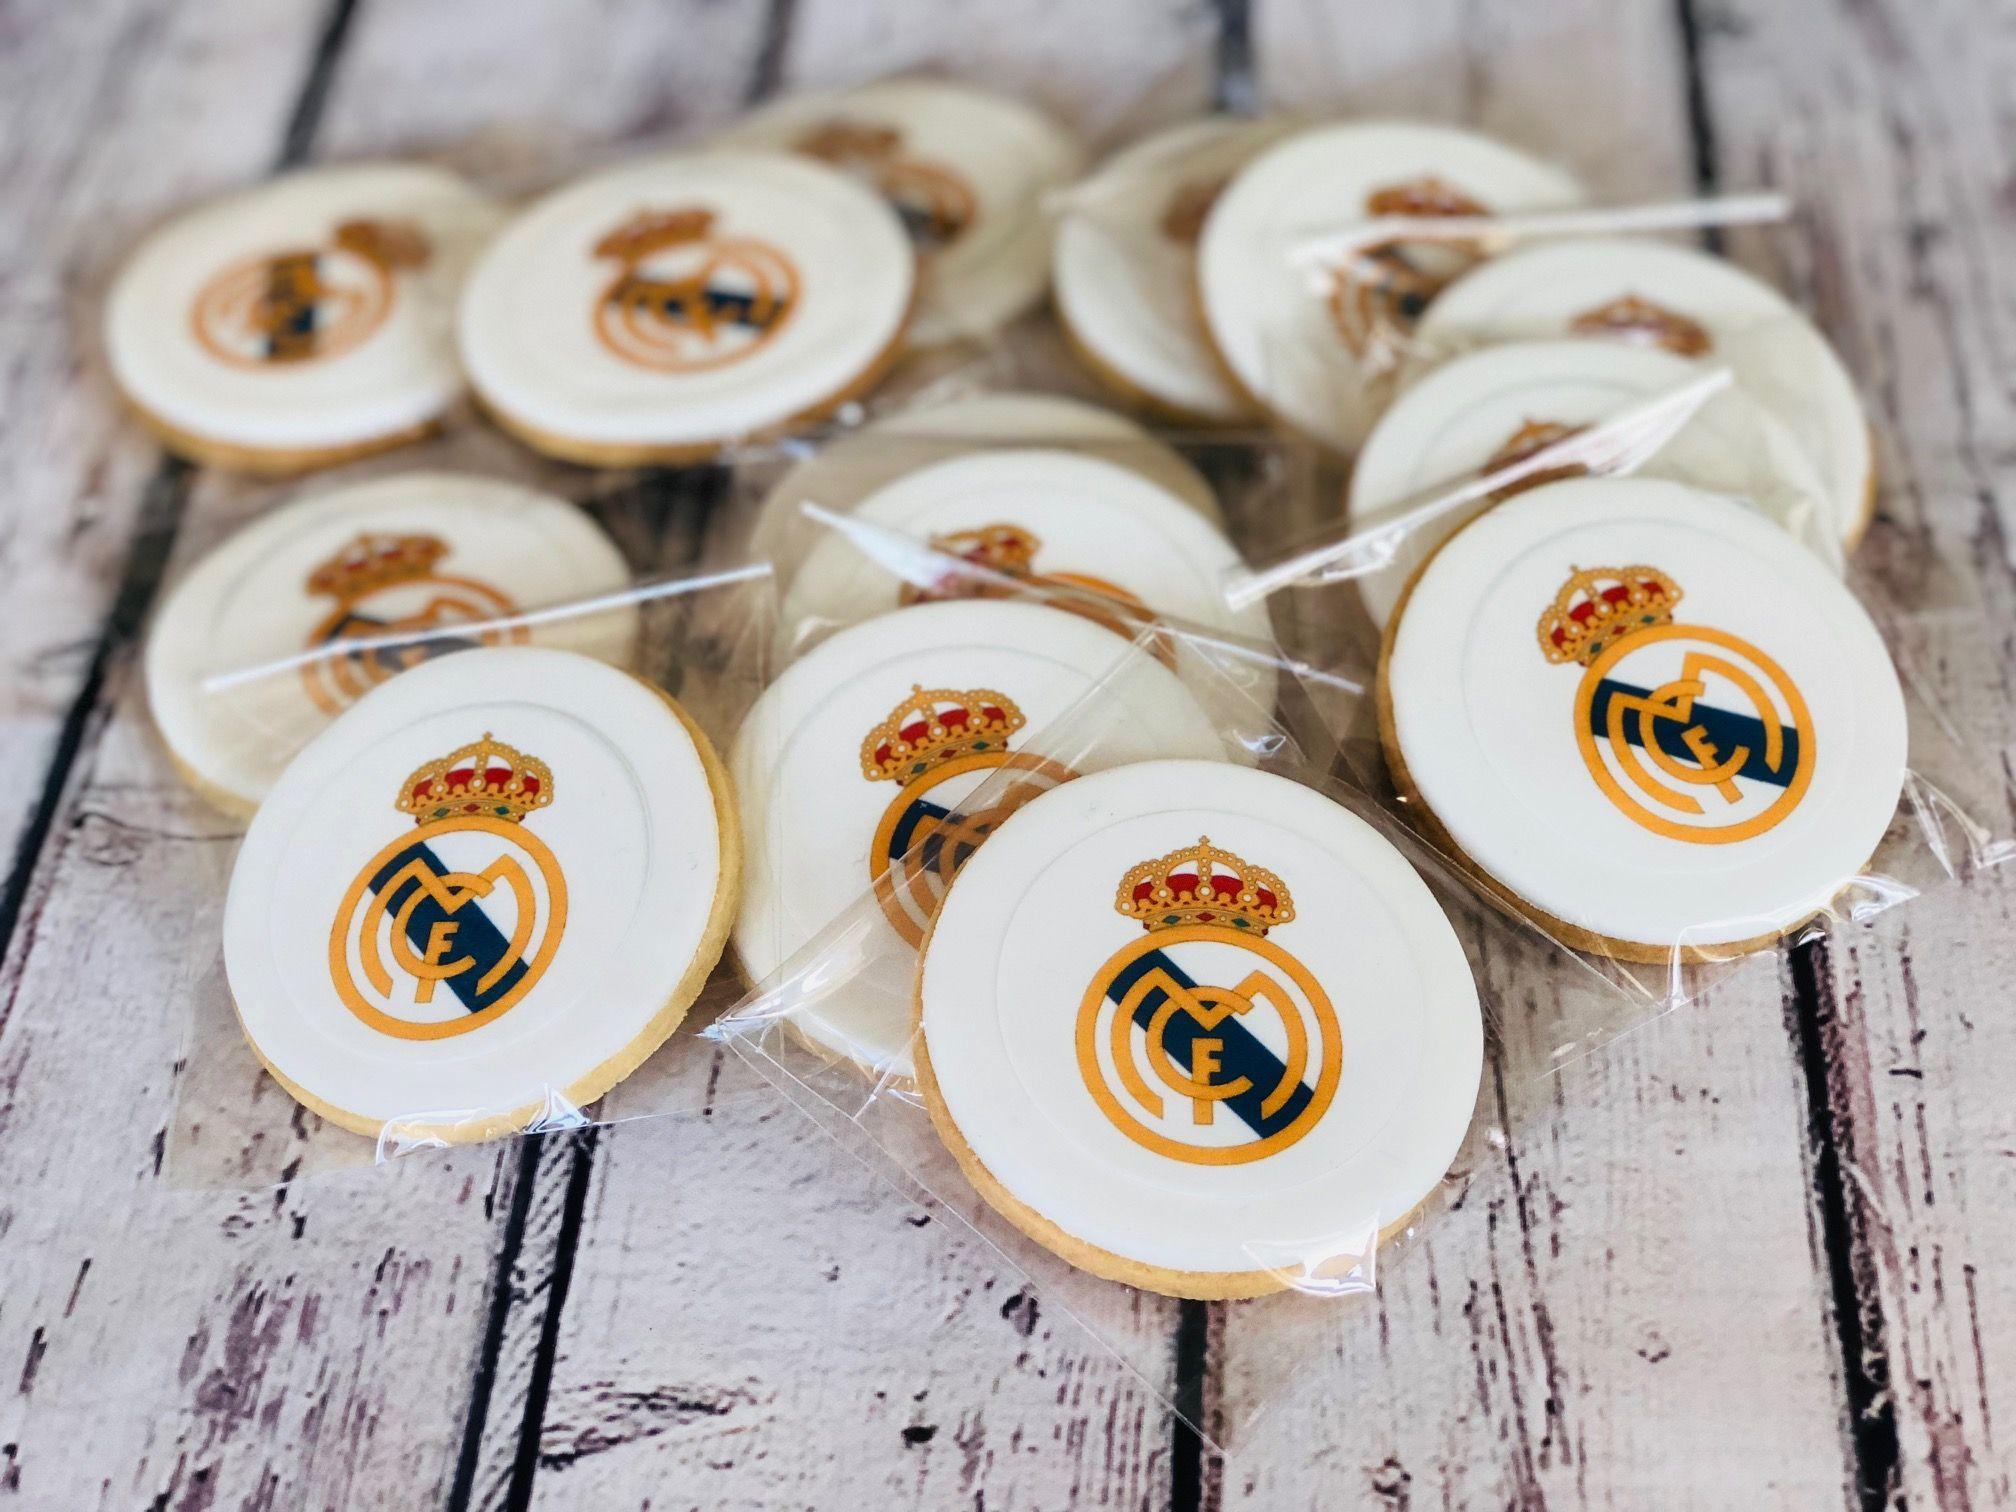 Galletas personalizadas con el escudo del Real Madrid impreso en papel de  azúcar comestible 7fa04fc996bd4